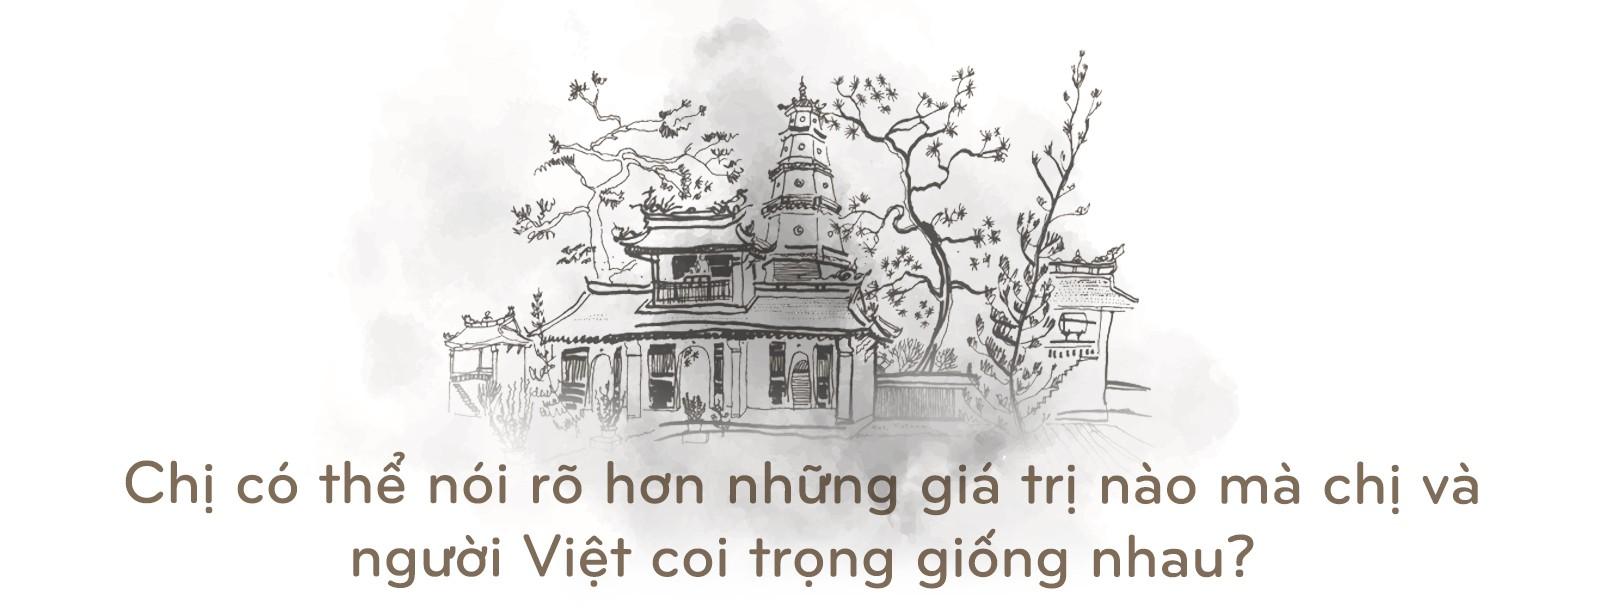 Catherine Karnow: Gặp duyên ở Việt Nam - Ảnh 4.